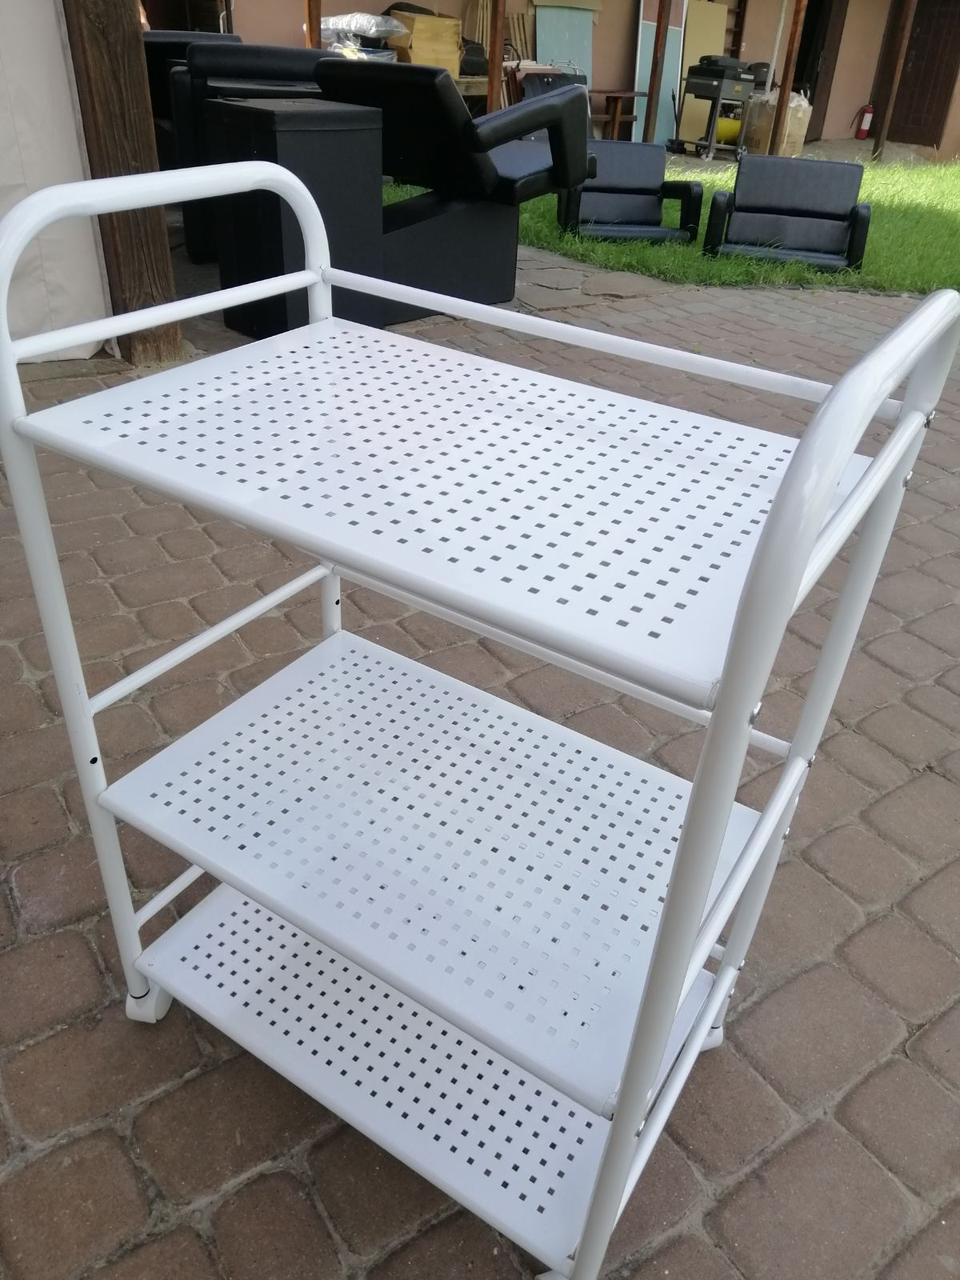 Візок косметологічна на колесах / Столик для косметолога з бортиками полиці метал B12 ST040